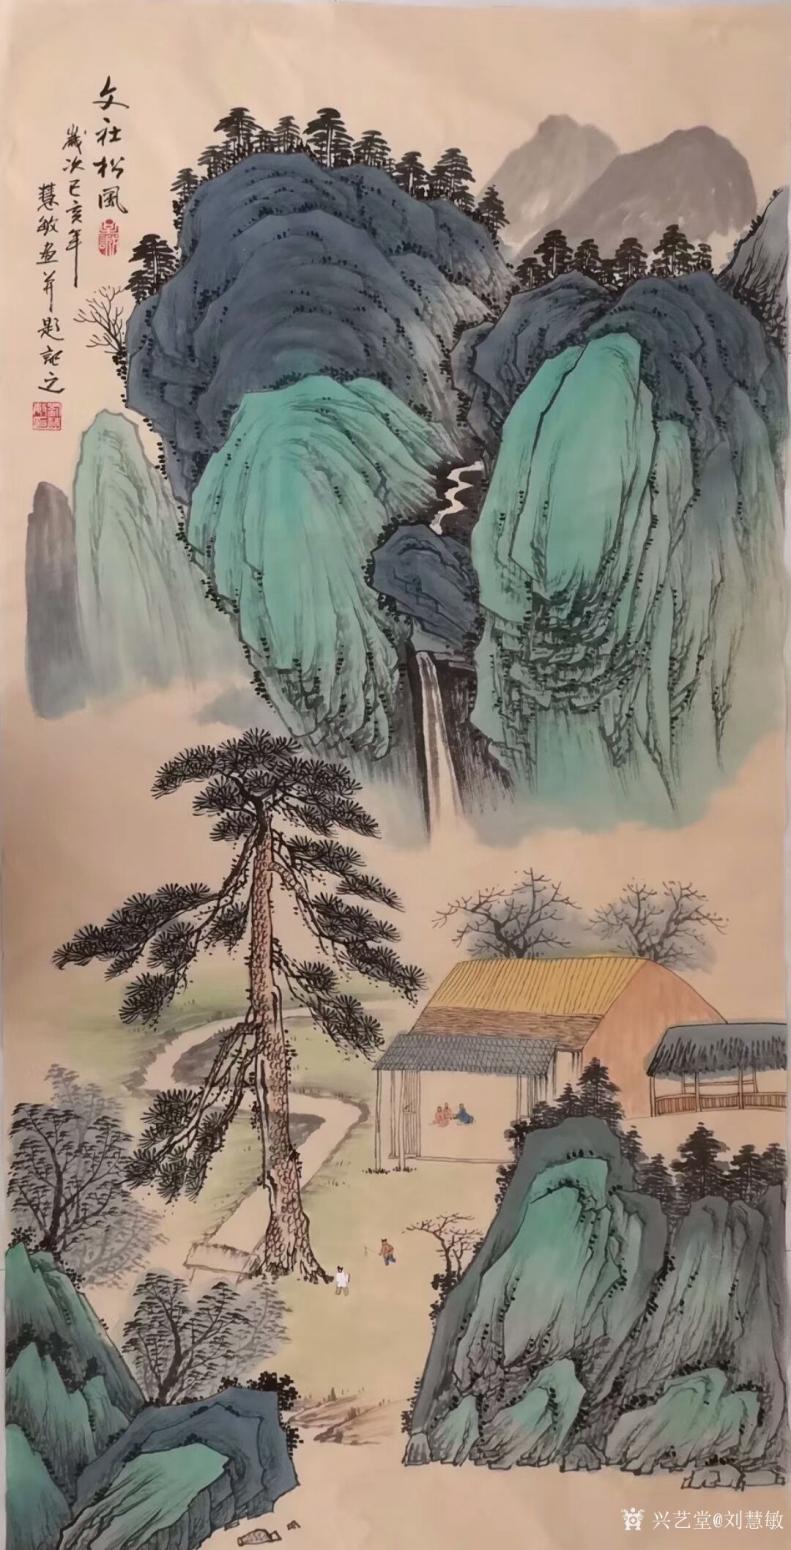 刘慧敏国画作品《山水—文社松风》